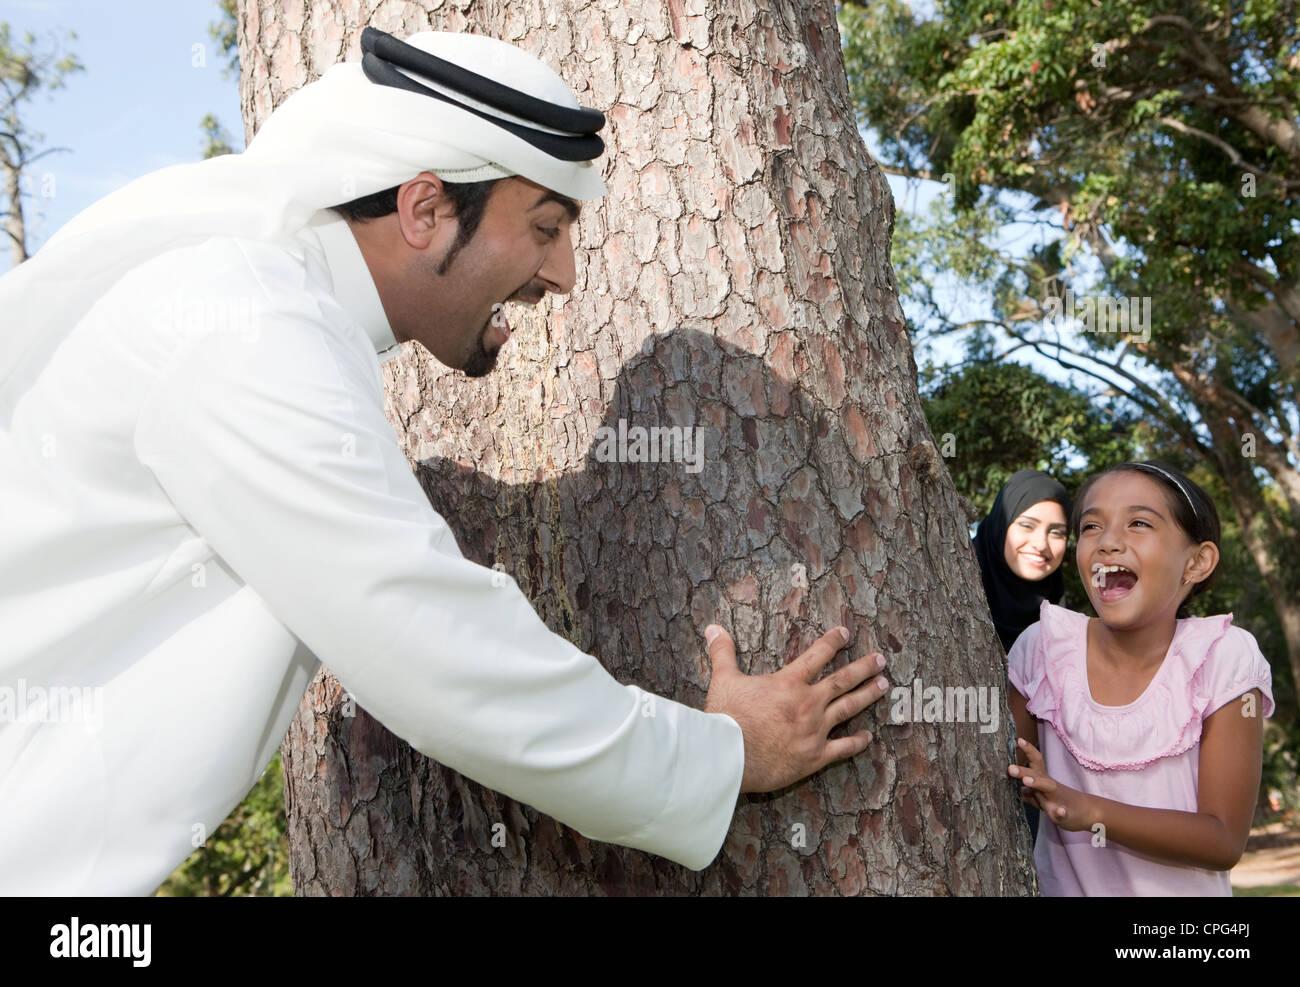 Arabische Familie spielen Versteckspiel im Park. Stockbild